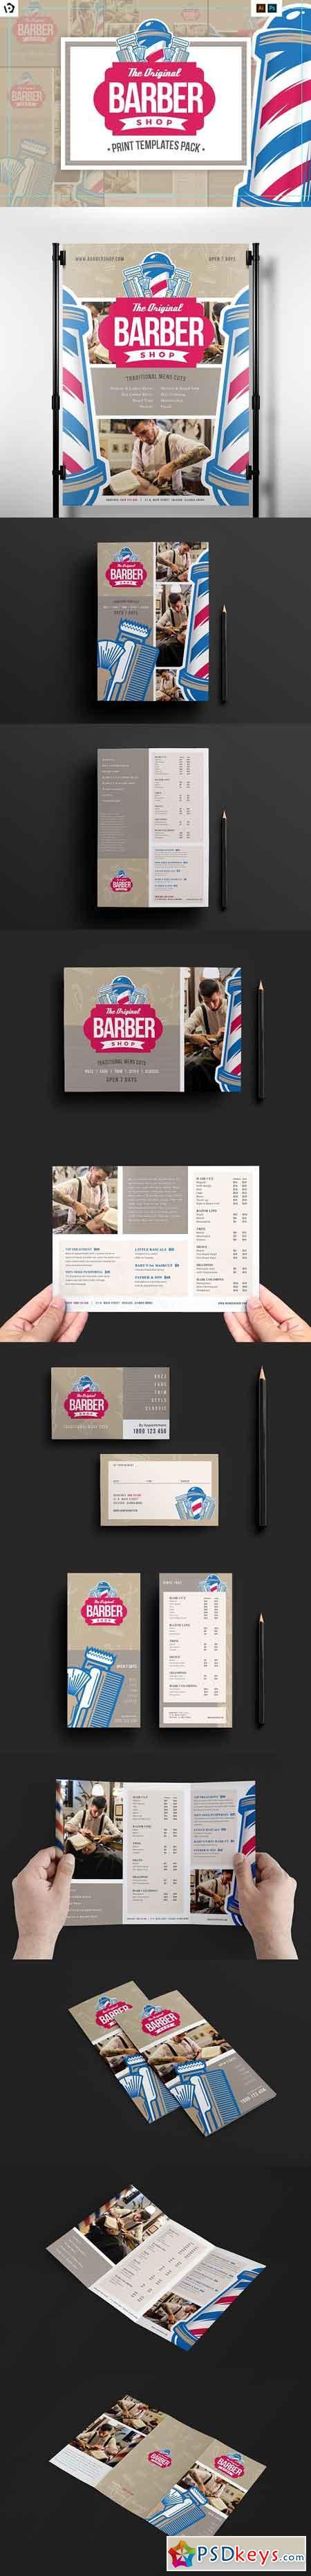 barber 39 s shop templates pack 1192193 free download photoshop vector stock image via torrent. Black Bedroom Furniture Sets. Home Design Ideas